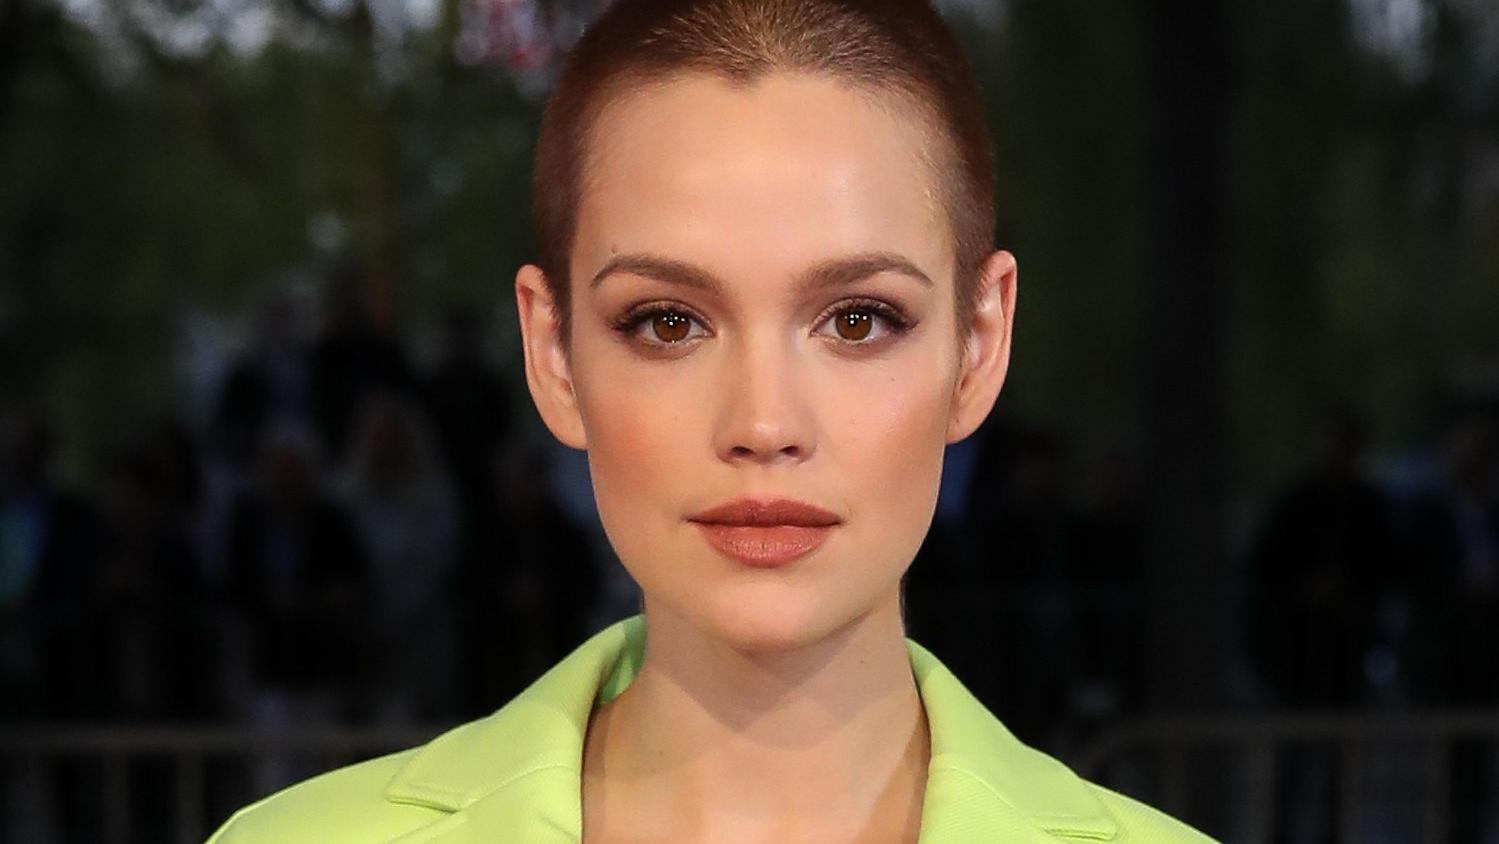 Emilia Schüle Haare